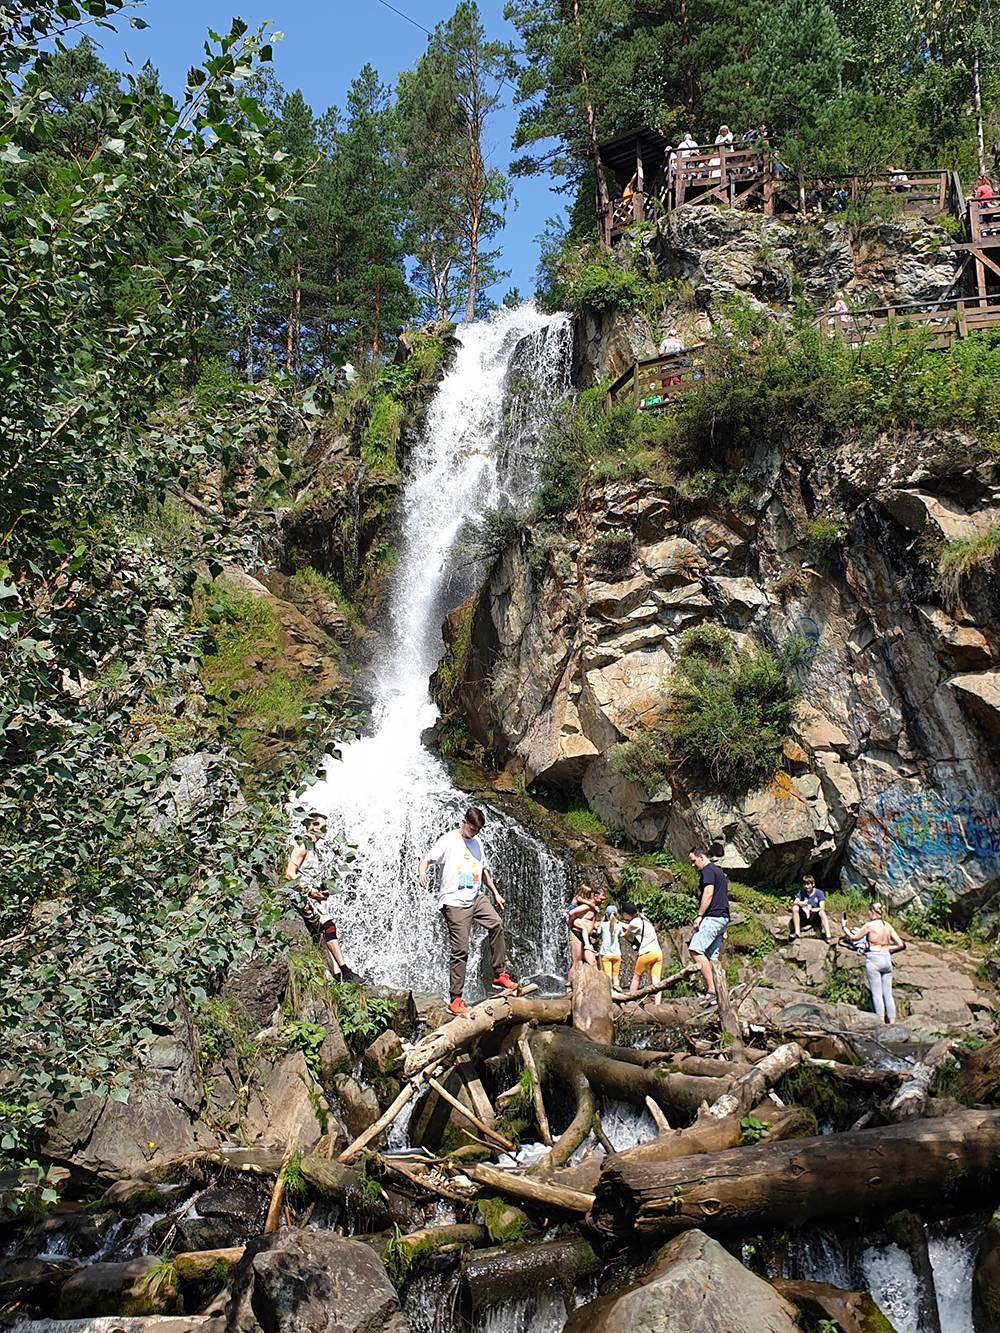 Дойти до водопада можно и пешком через мост, но специально ради него ехать туда не стоит: зрелище не того масштаба